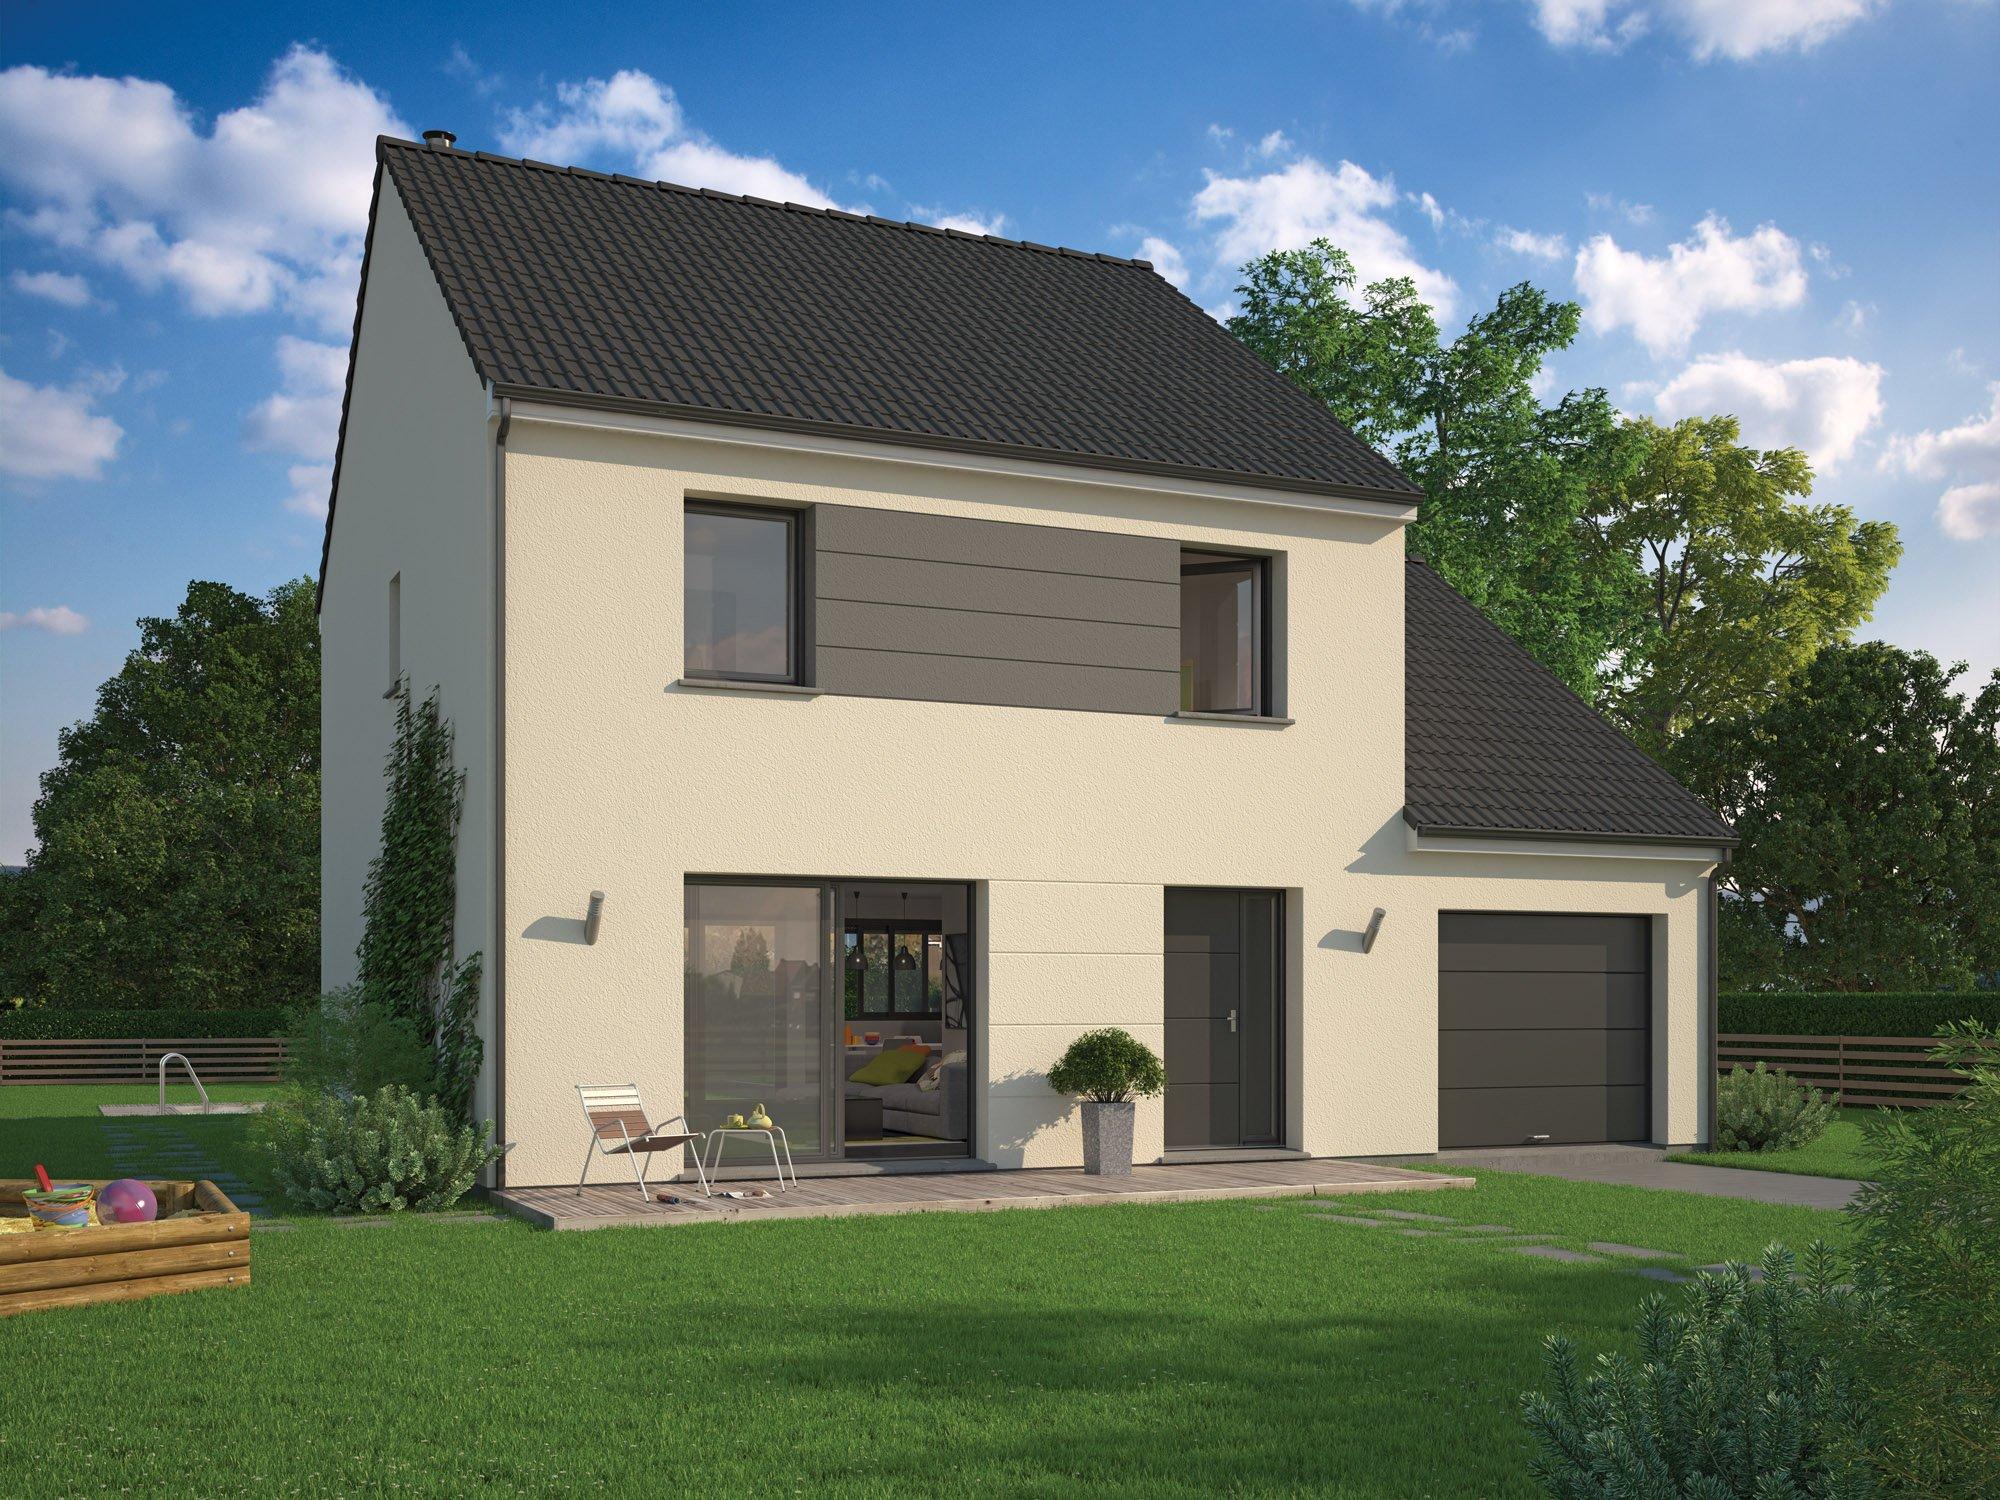 Maisons + Terrains du constructeur MAISON FAMILIALE • 120 m² • FONTENAY TRESIGNY